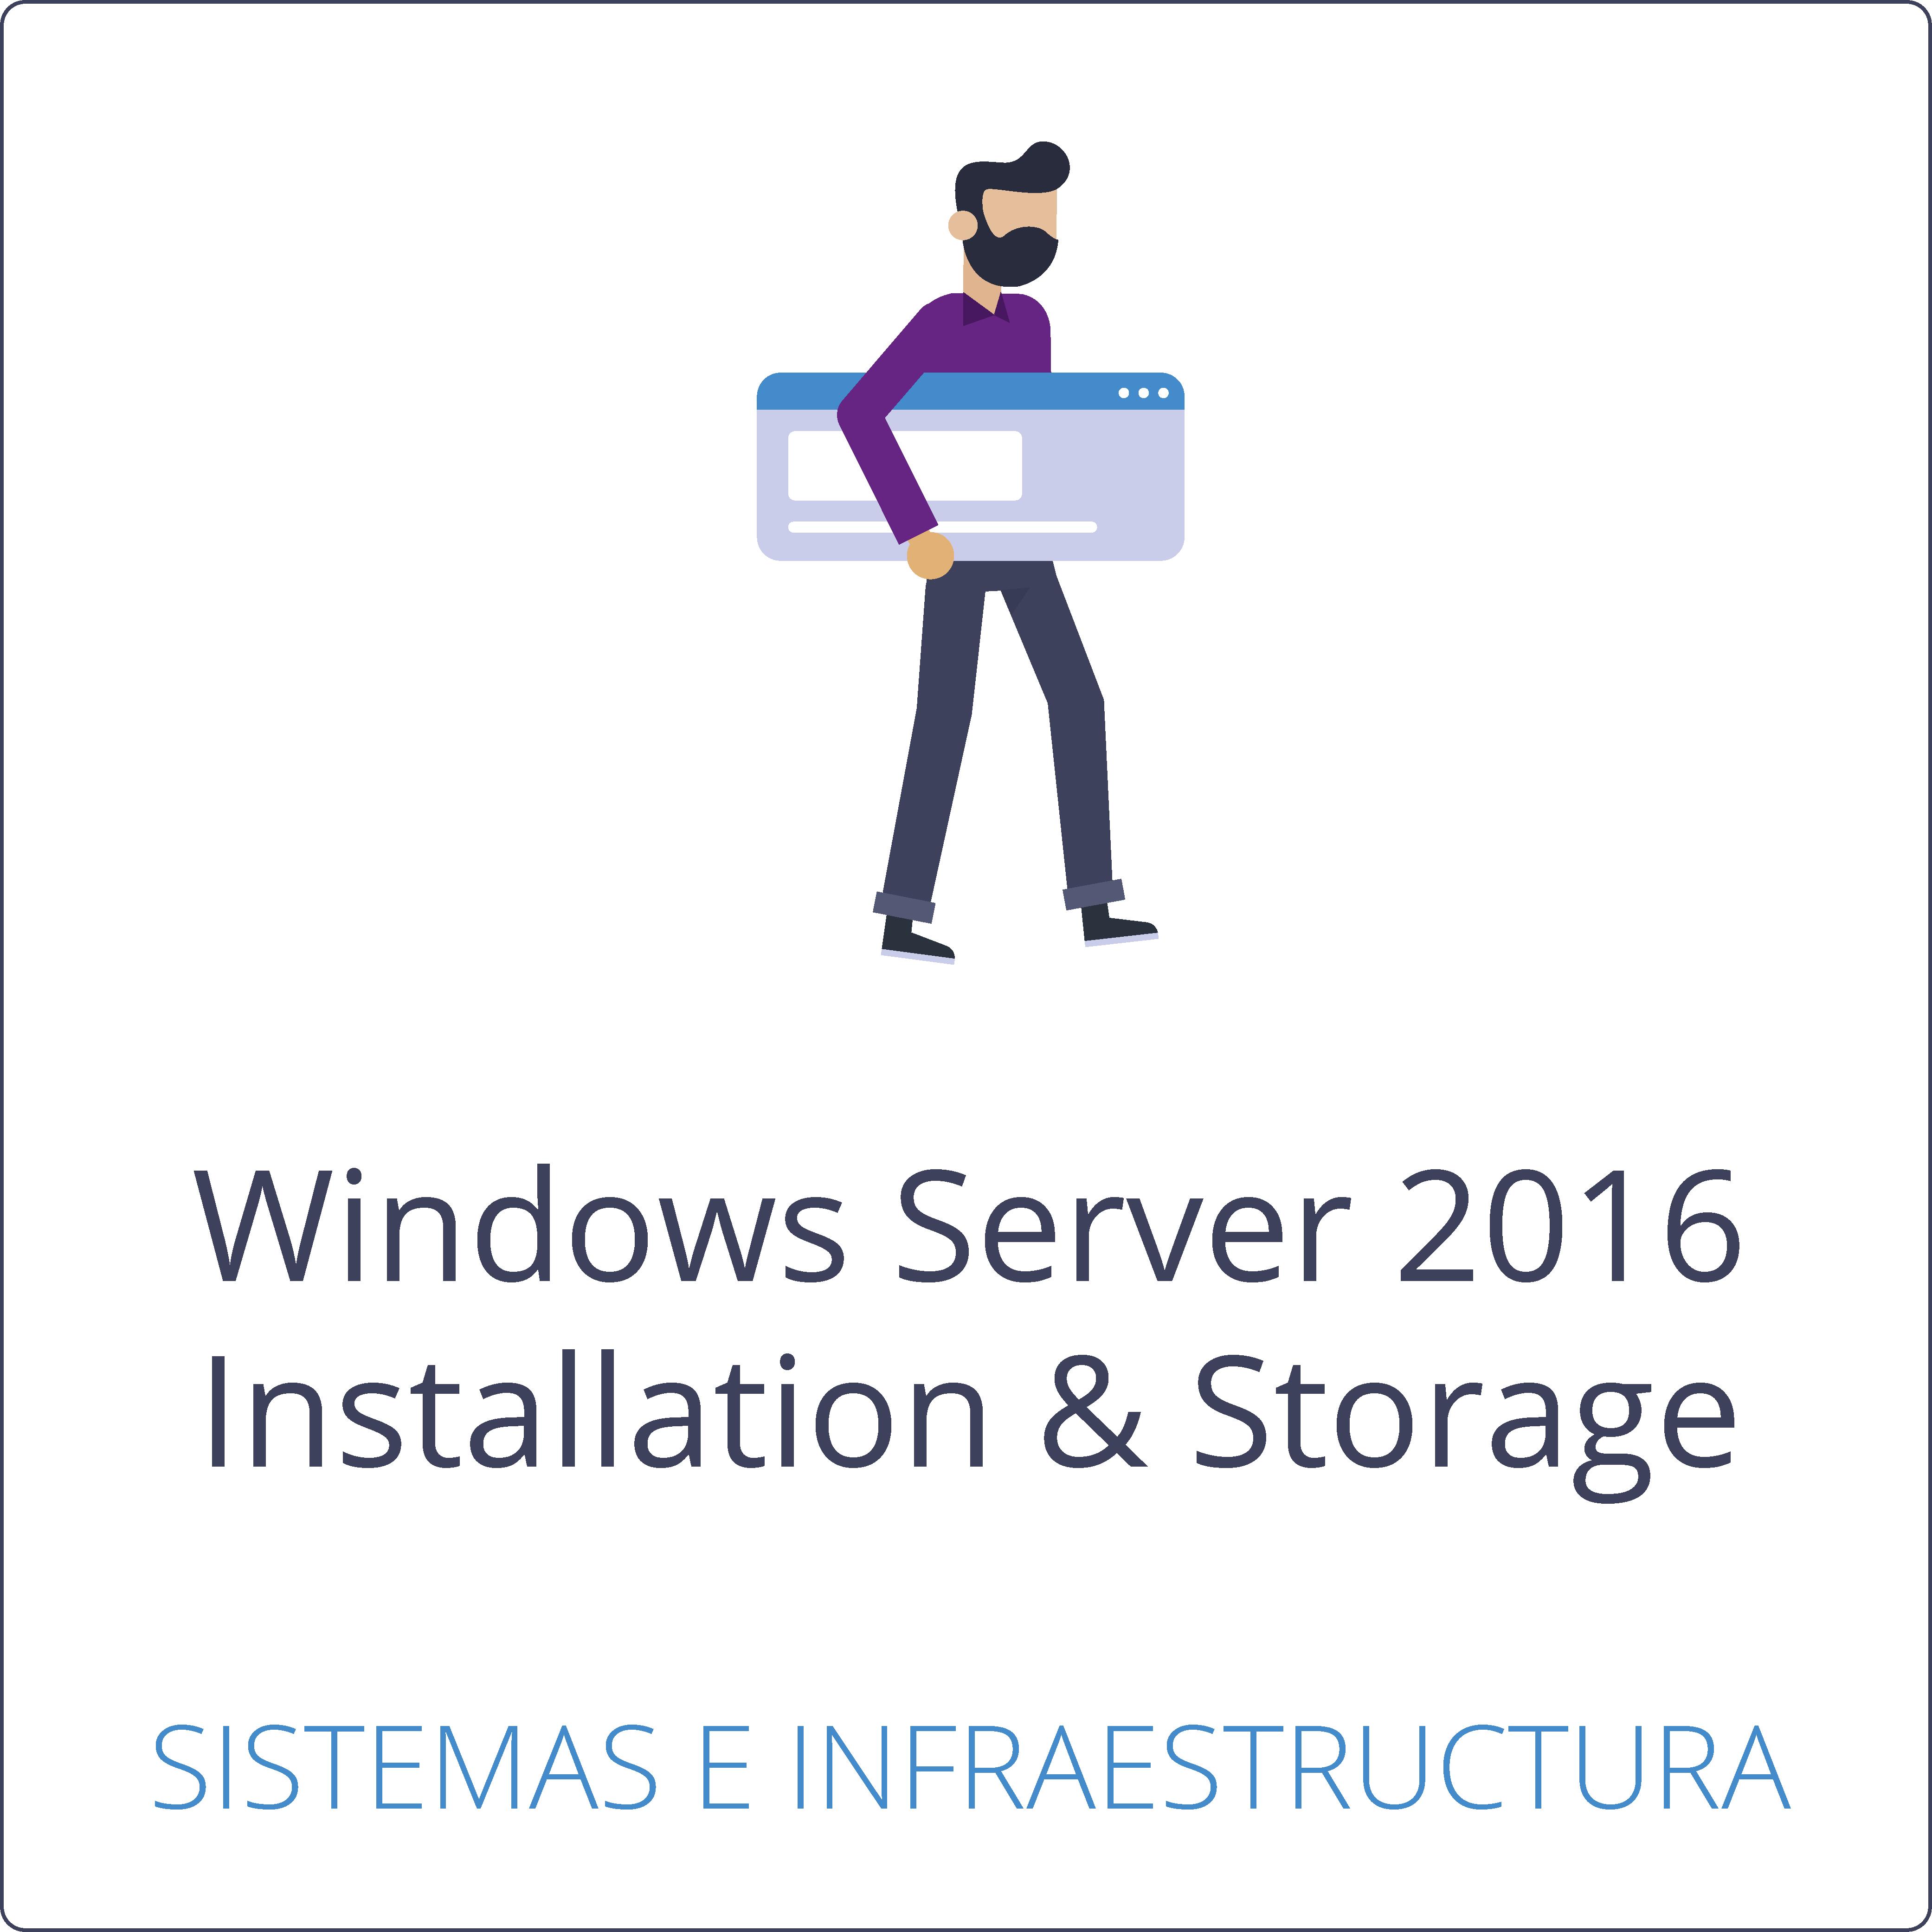 Instalación, almacenamiento y computación con Windows Server 2016